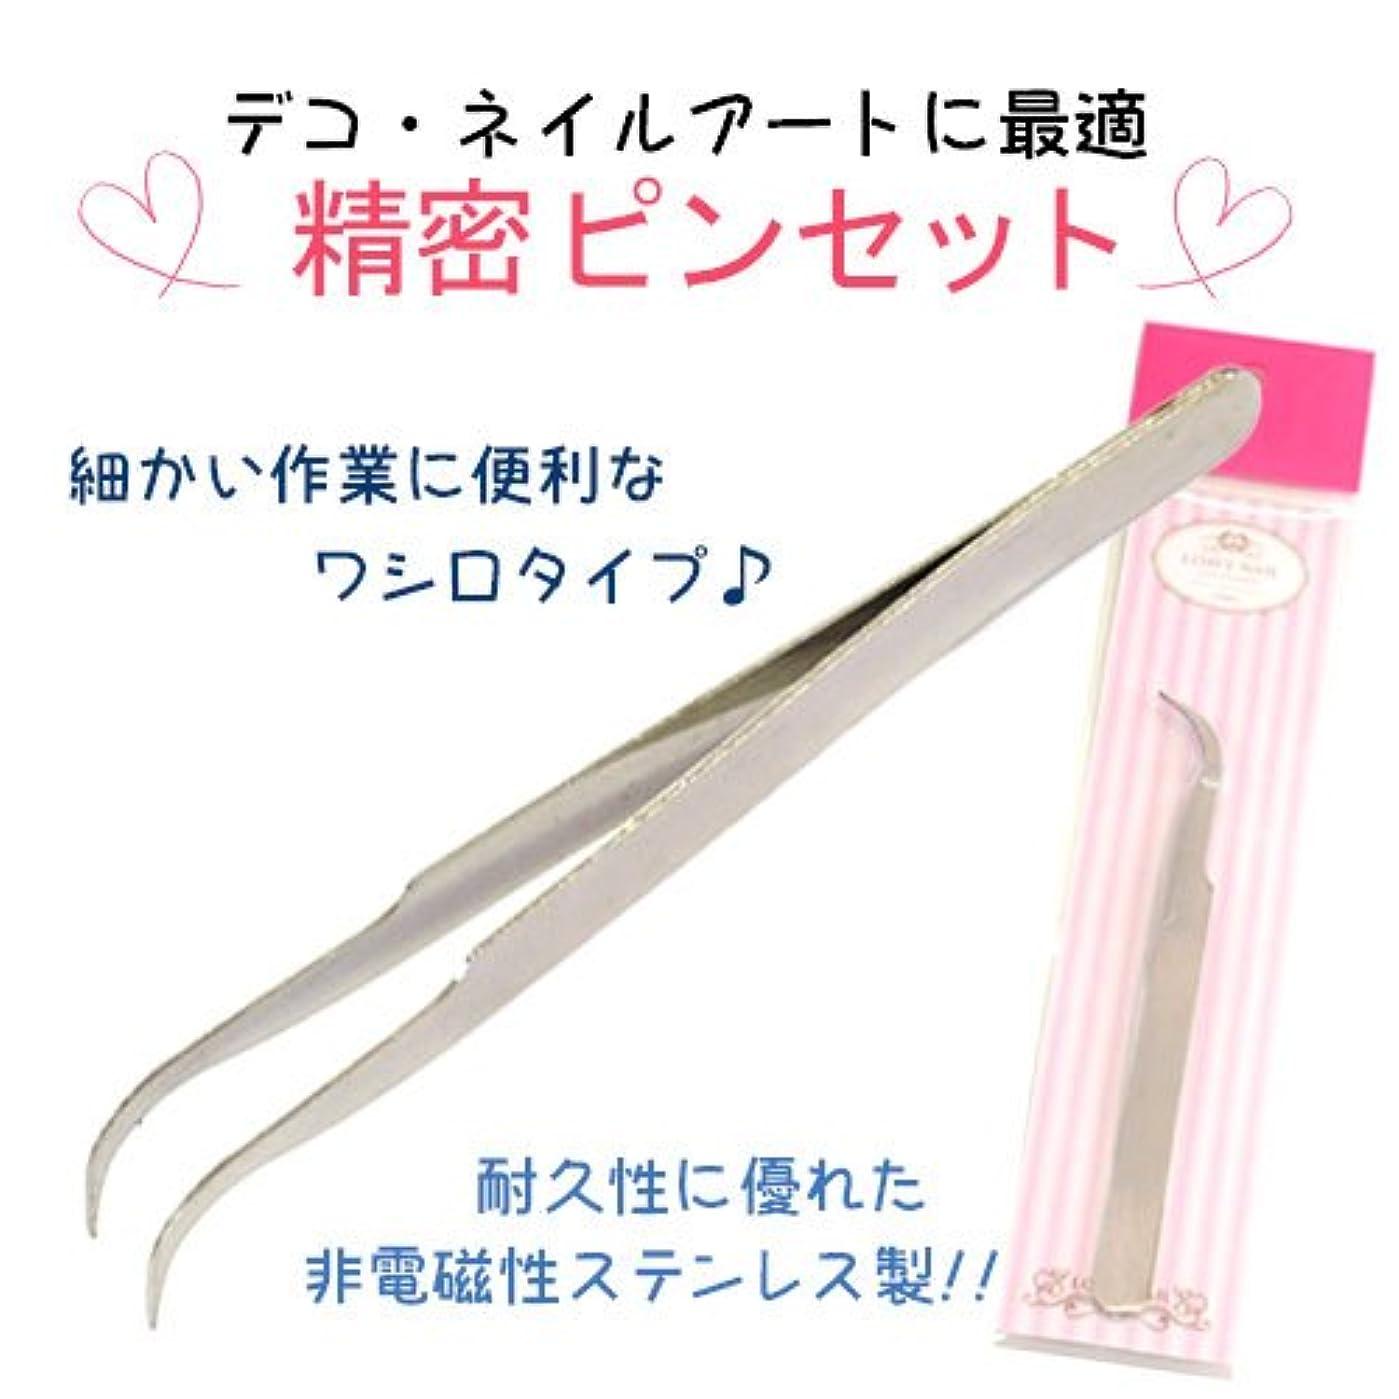 非常にテストいくつかのデコ?ネイル用精密ピンセット(カーブ付) ラインストーンを楽々キャッチ ジェルネイル ネイル用品